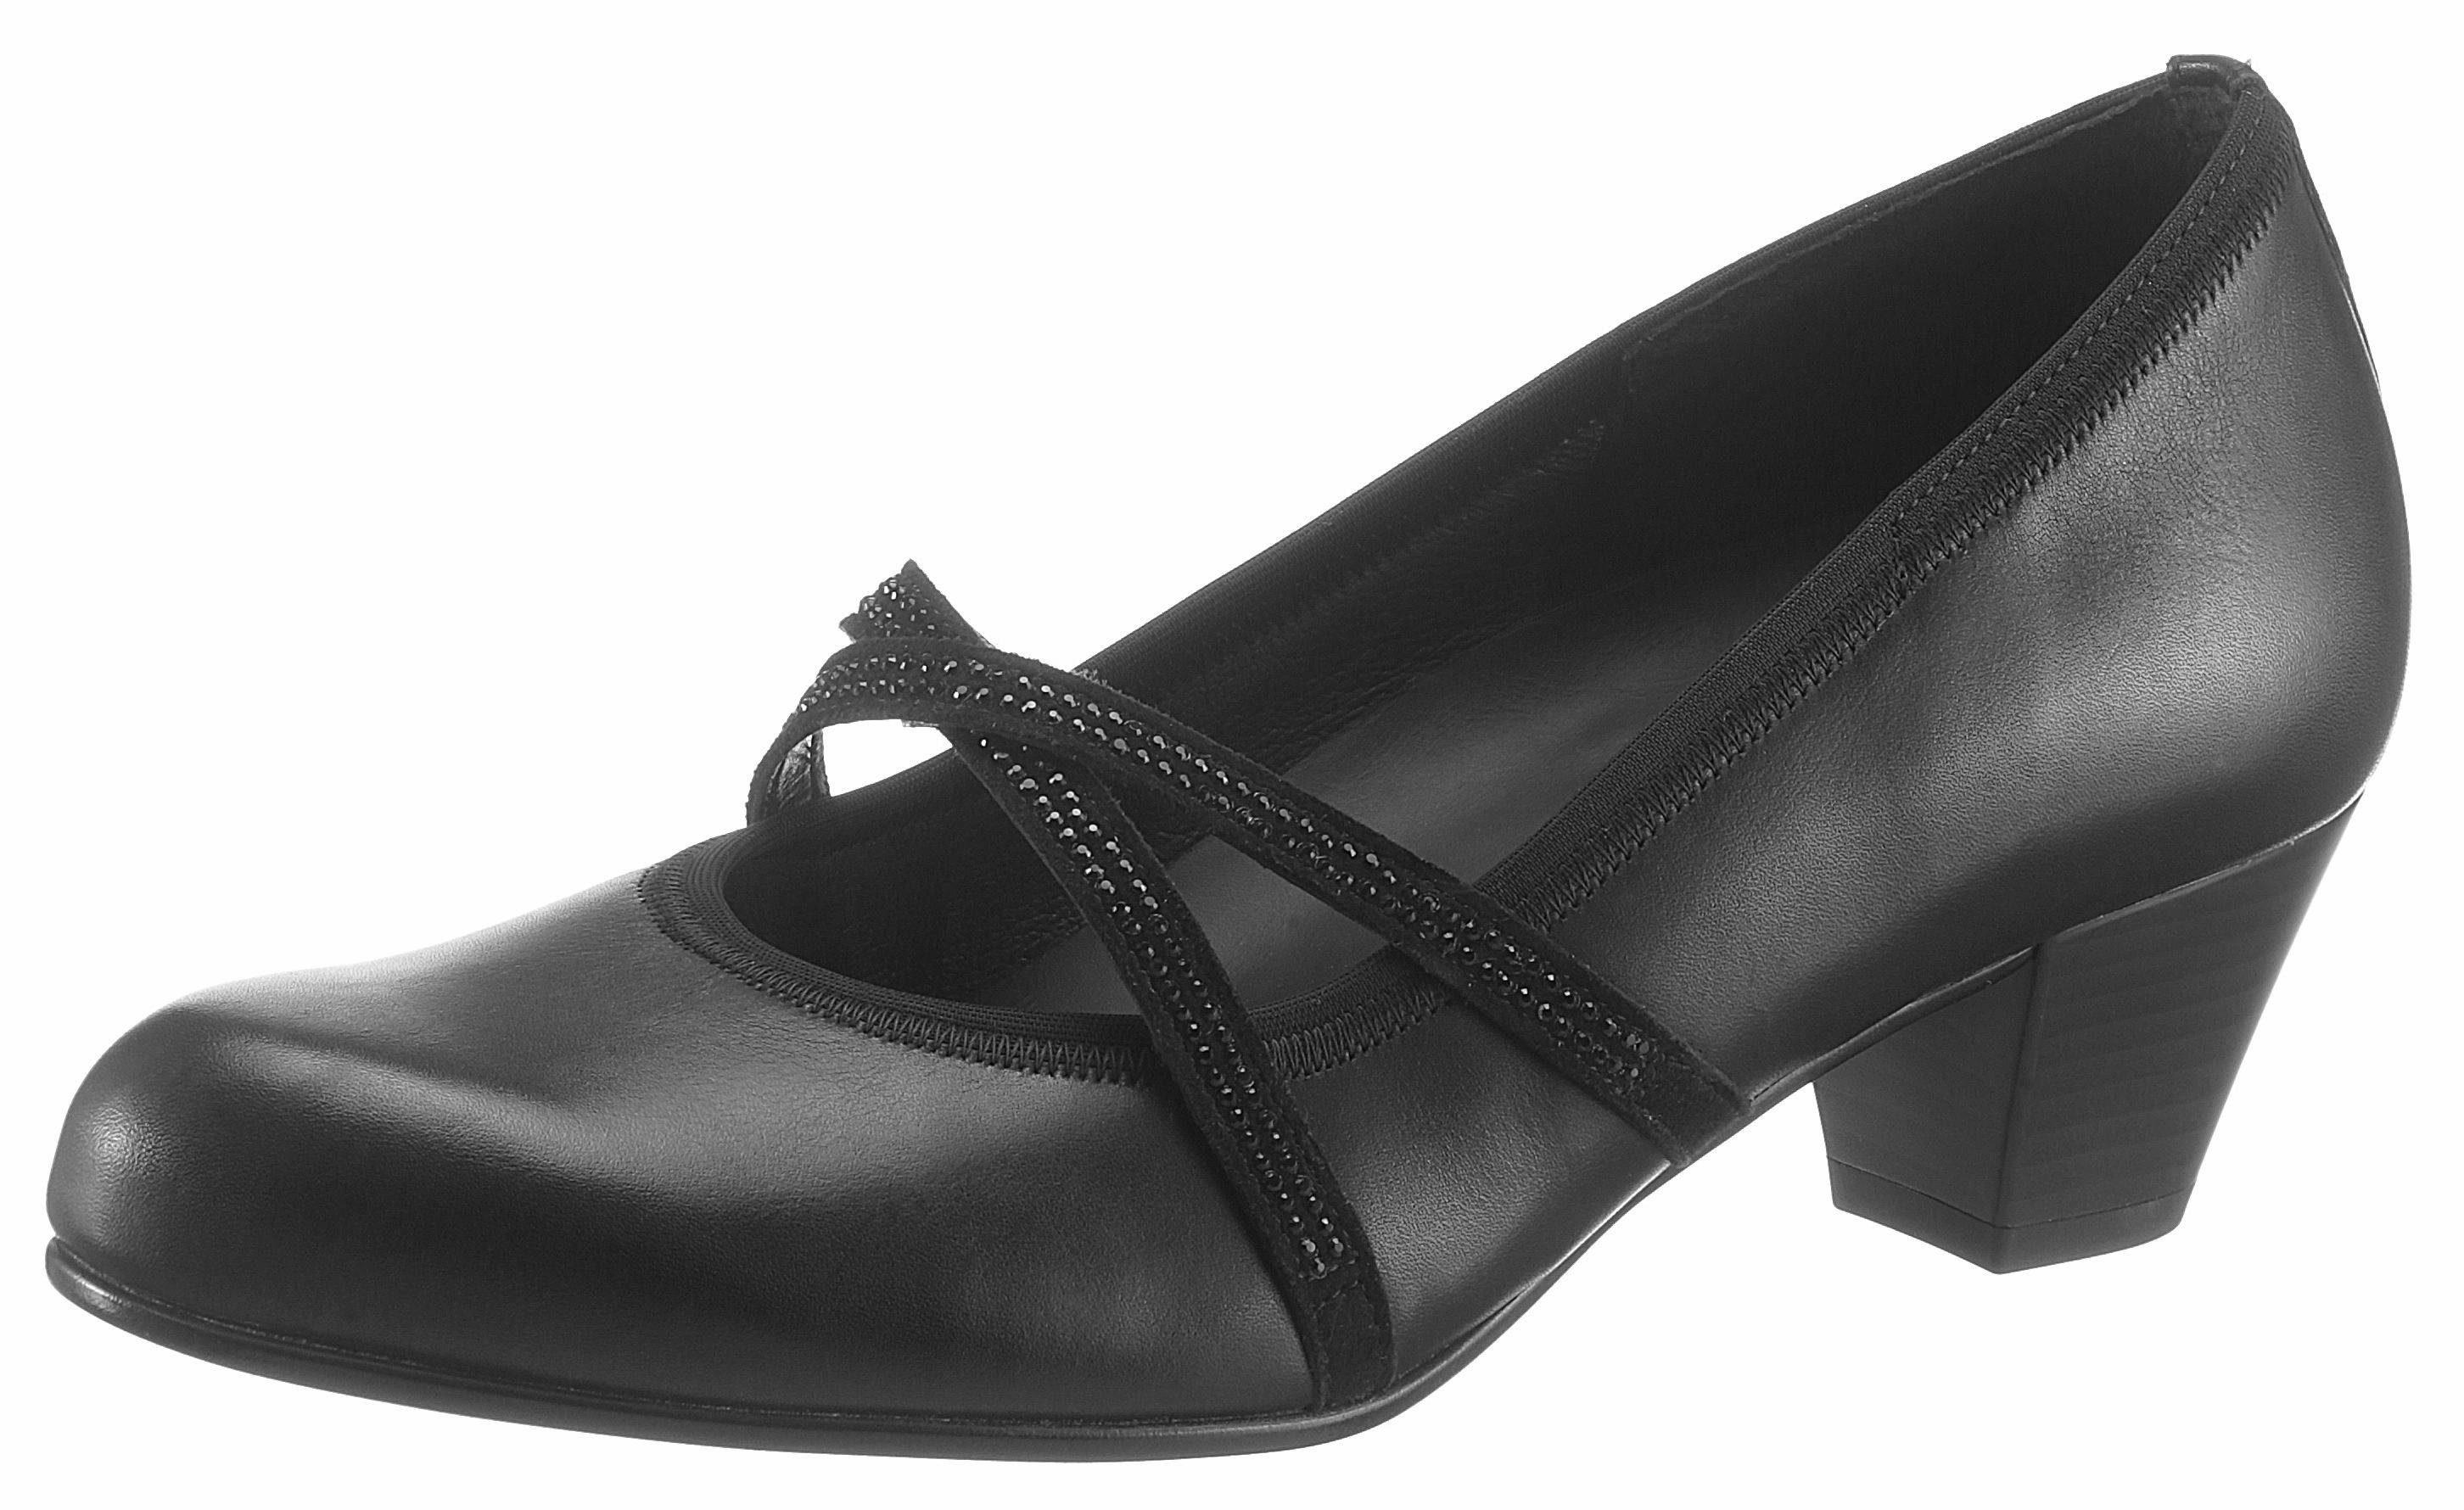 Gabor Pumps, mit funkelnden Strasssteinen, in bequemer Schuhweite G (weit) online kaufen  schwarz